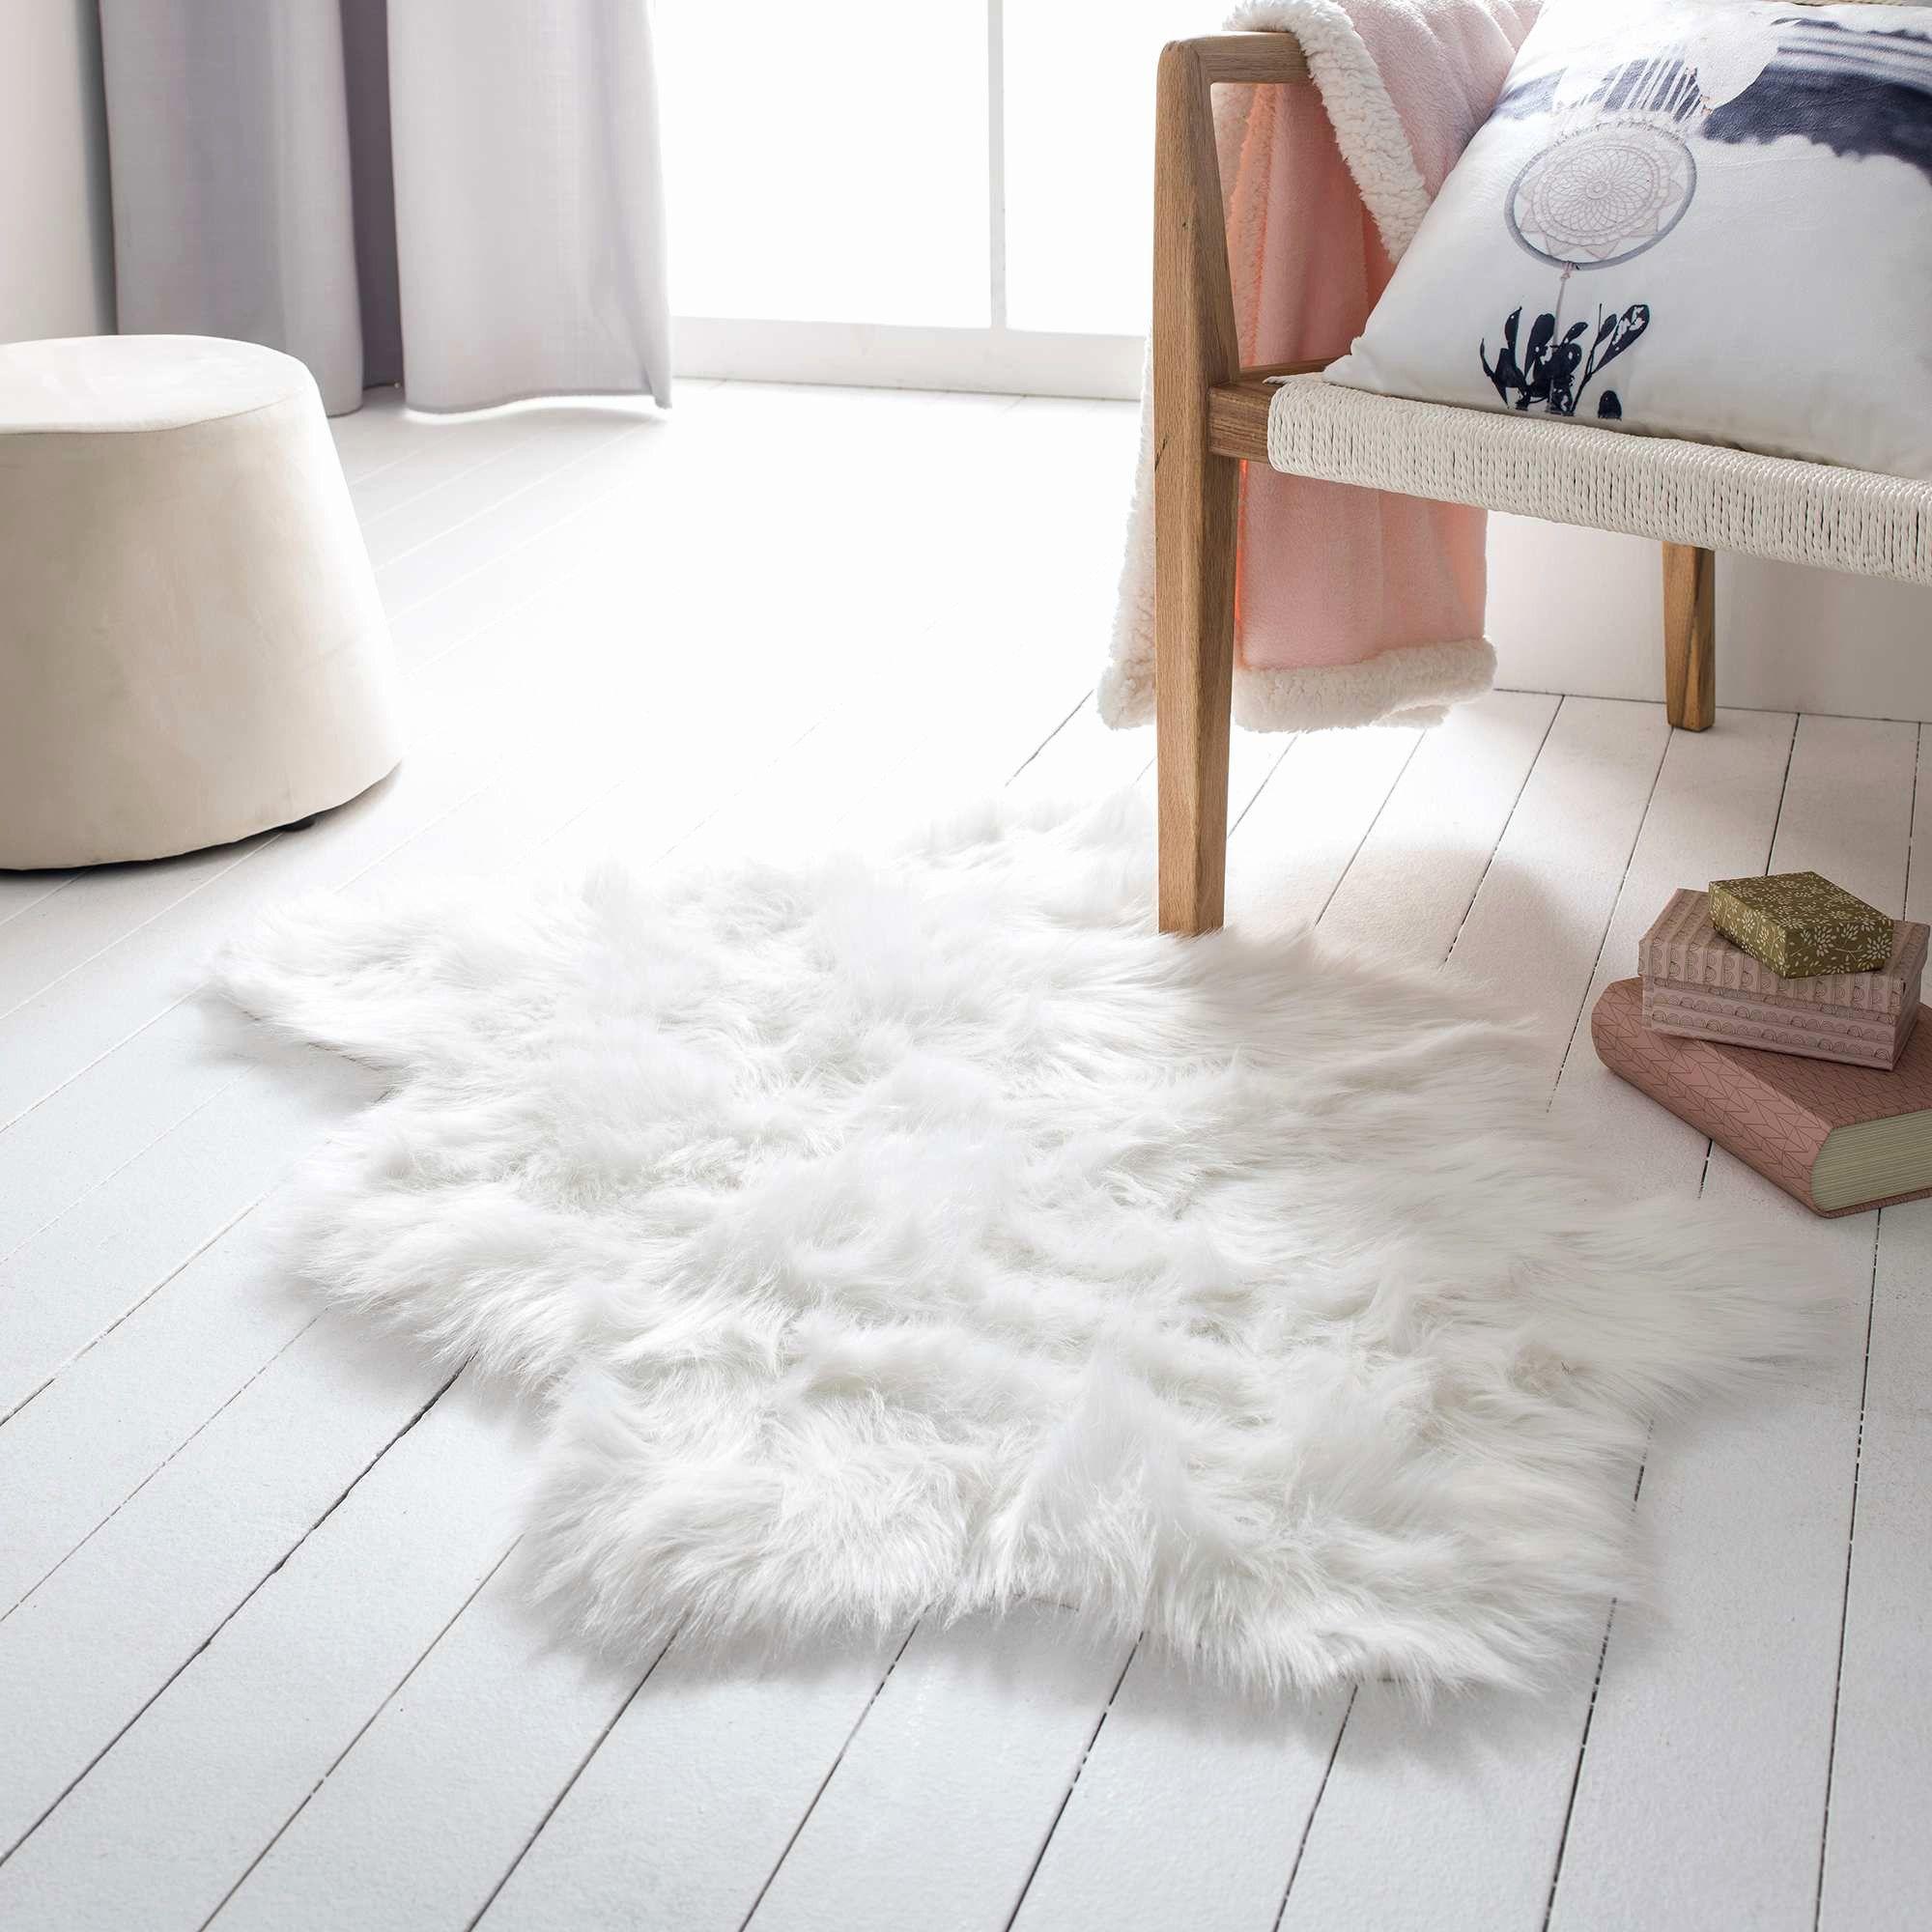 Luxury Nettoyer Tapis Poil Long Shag Rug Decor Home Decor